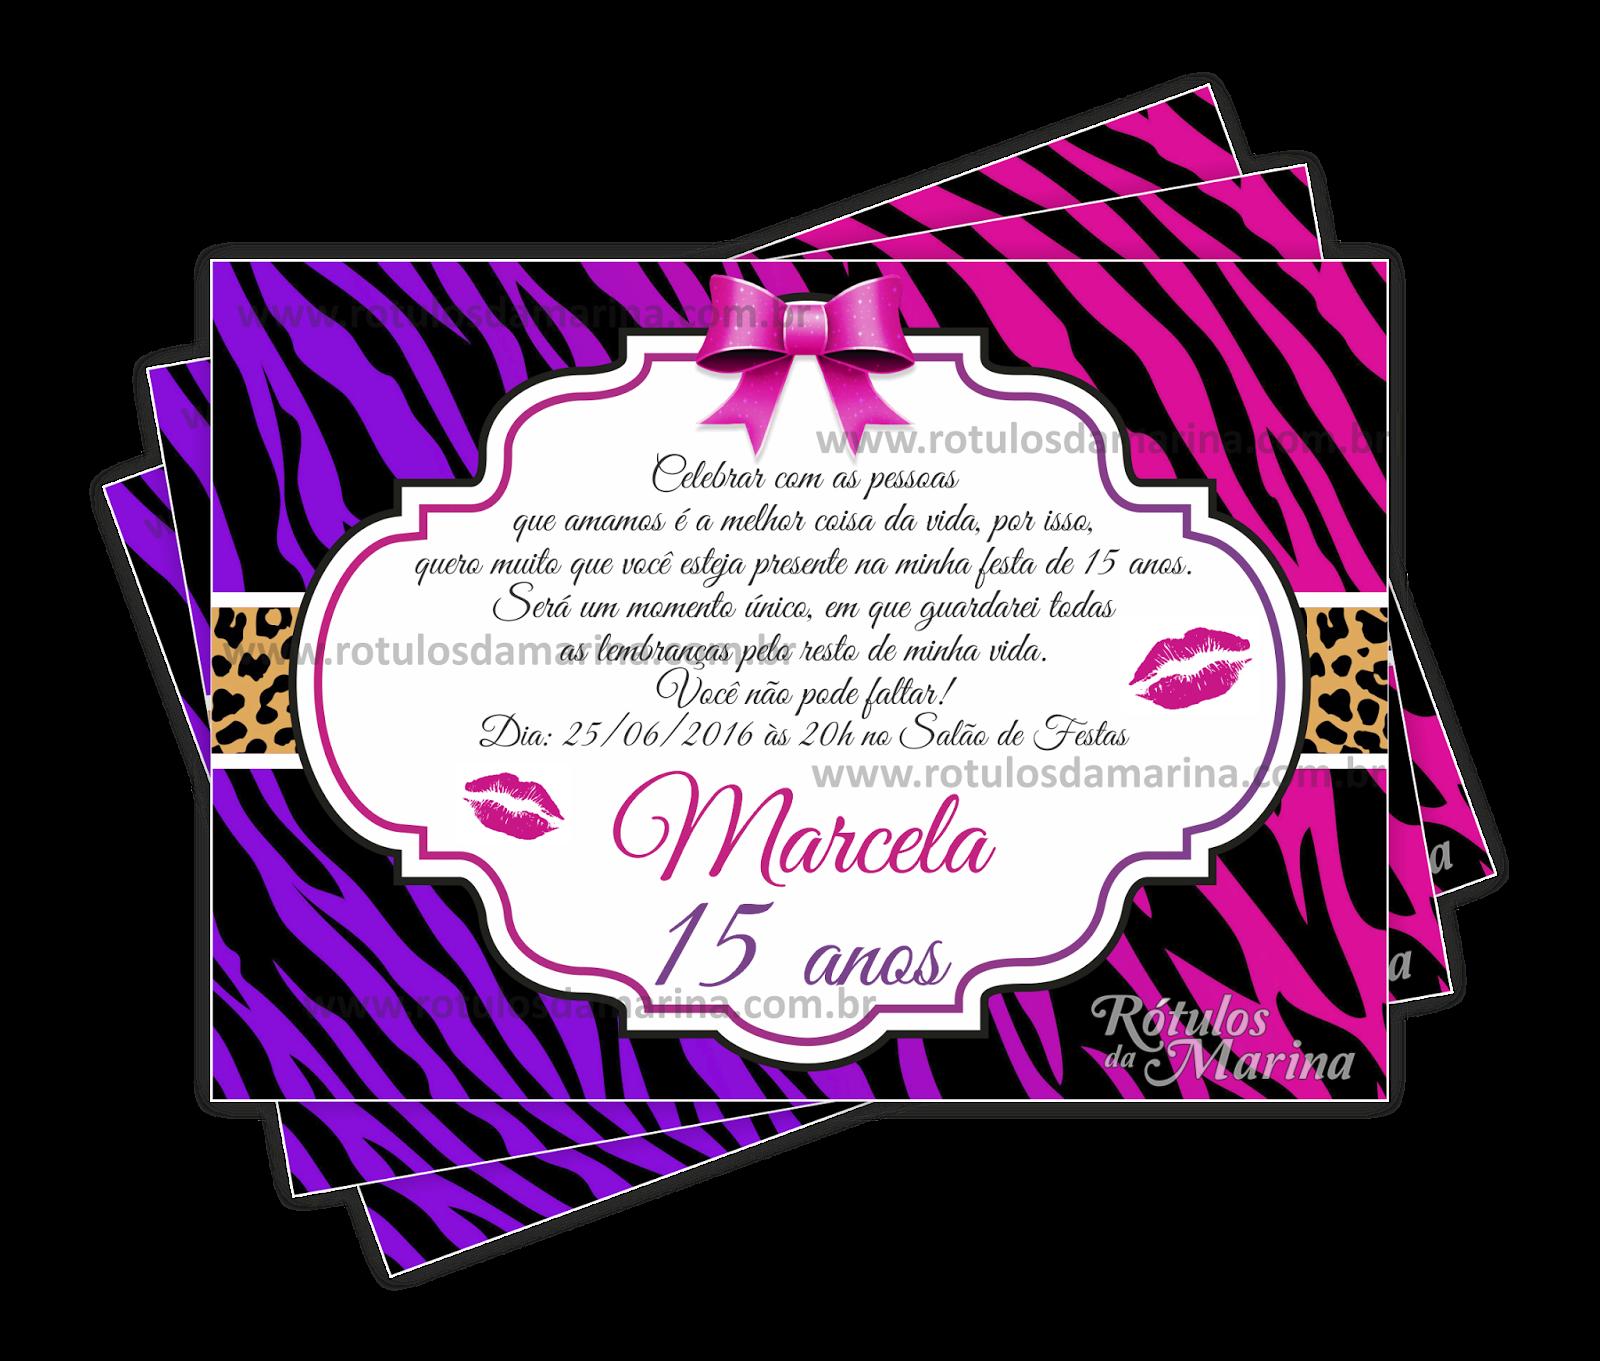 Adesivos Oncinha Rosa ~ Marina Rótulos Fashion Zebra com Oncinha Rosa e Lilás